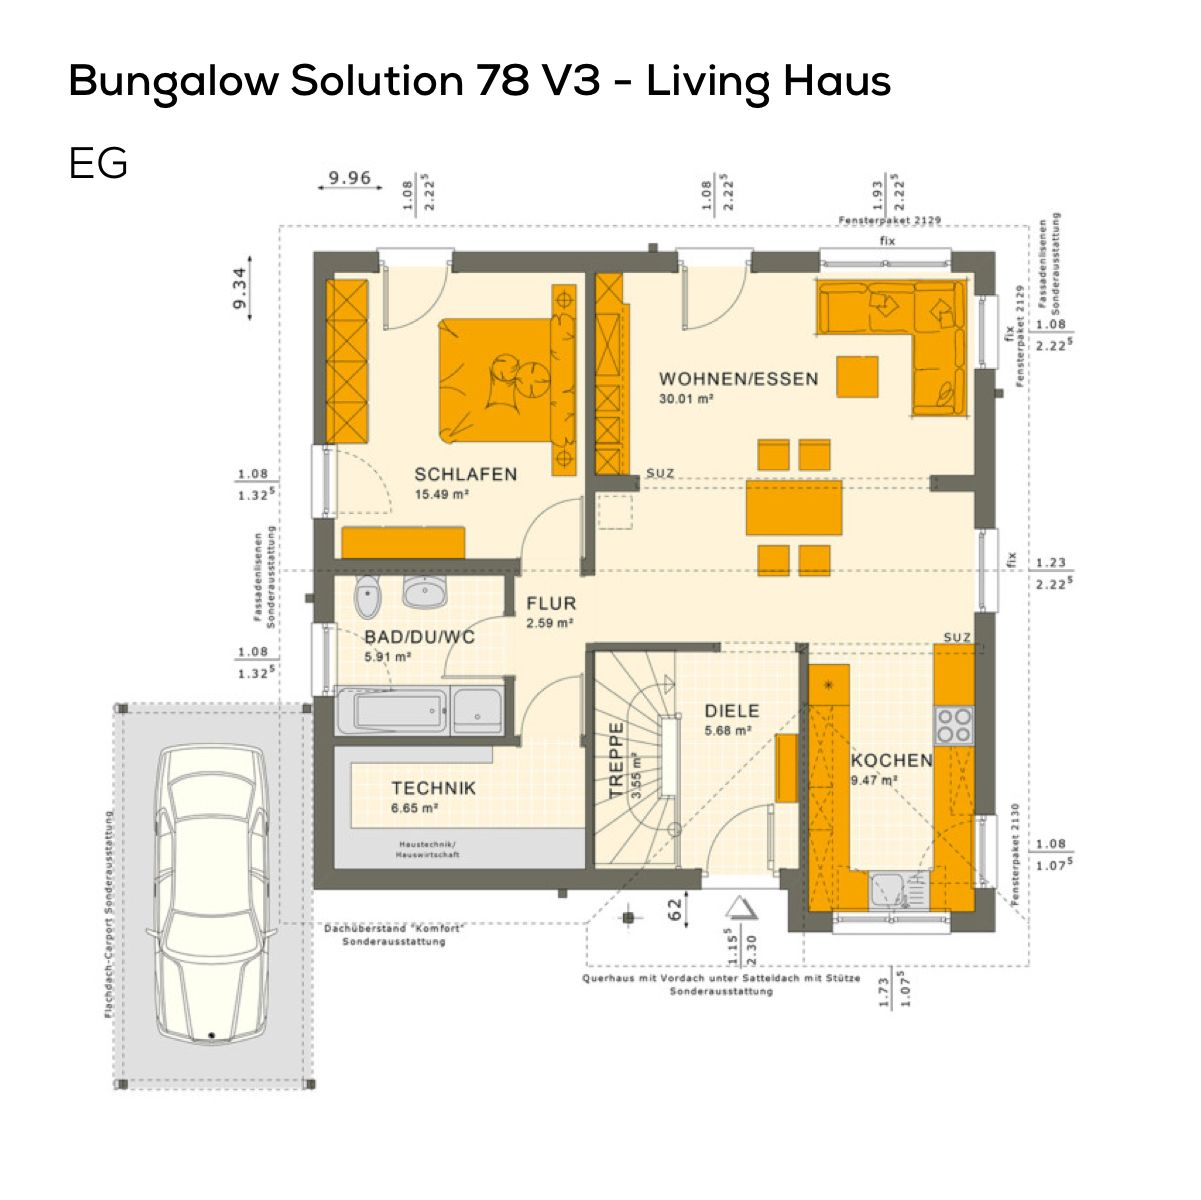 Grundriss Bungalow Haus Eingeschossig Mit Satteldach Architektur Carport 2 Zimmer 78 Qm Wfl Ebenerdig Barrieref Grundriss Bungalow Living Haus Bungalow